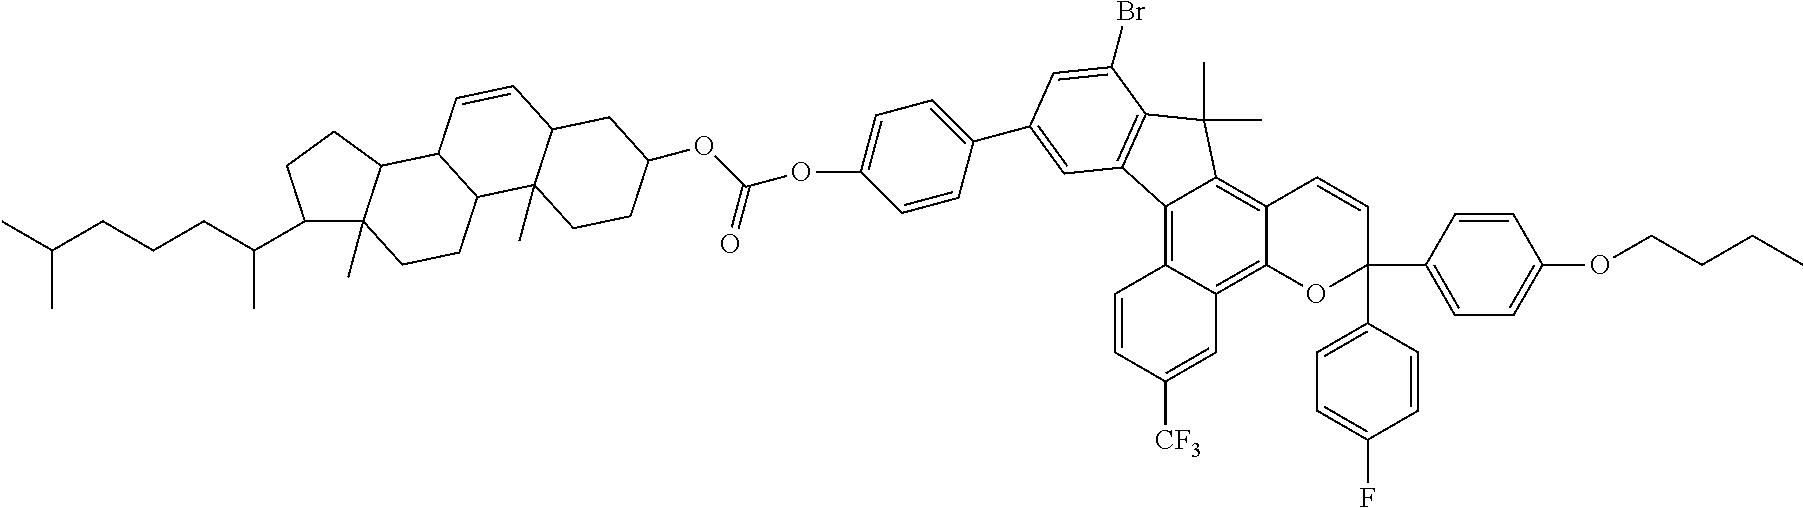 Figure US08545984-20131001-C00050